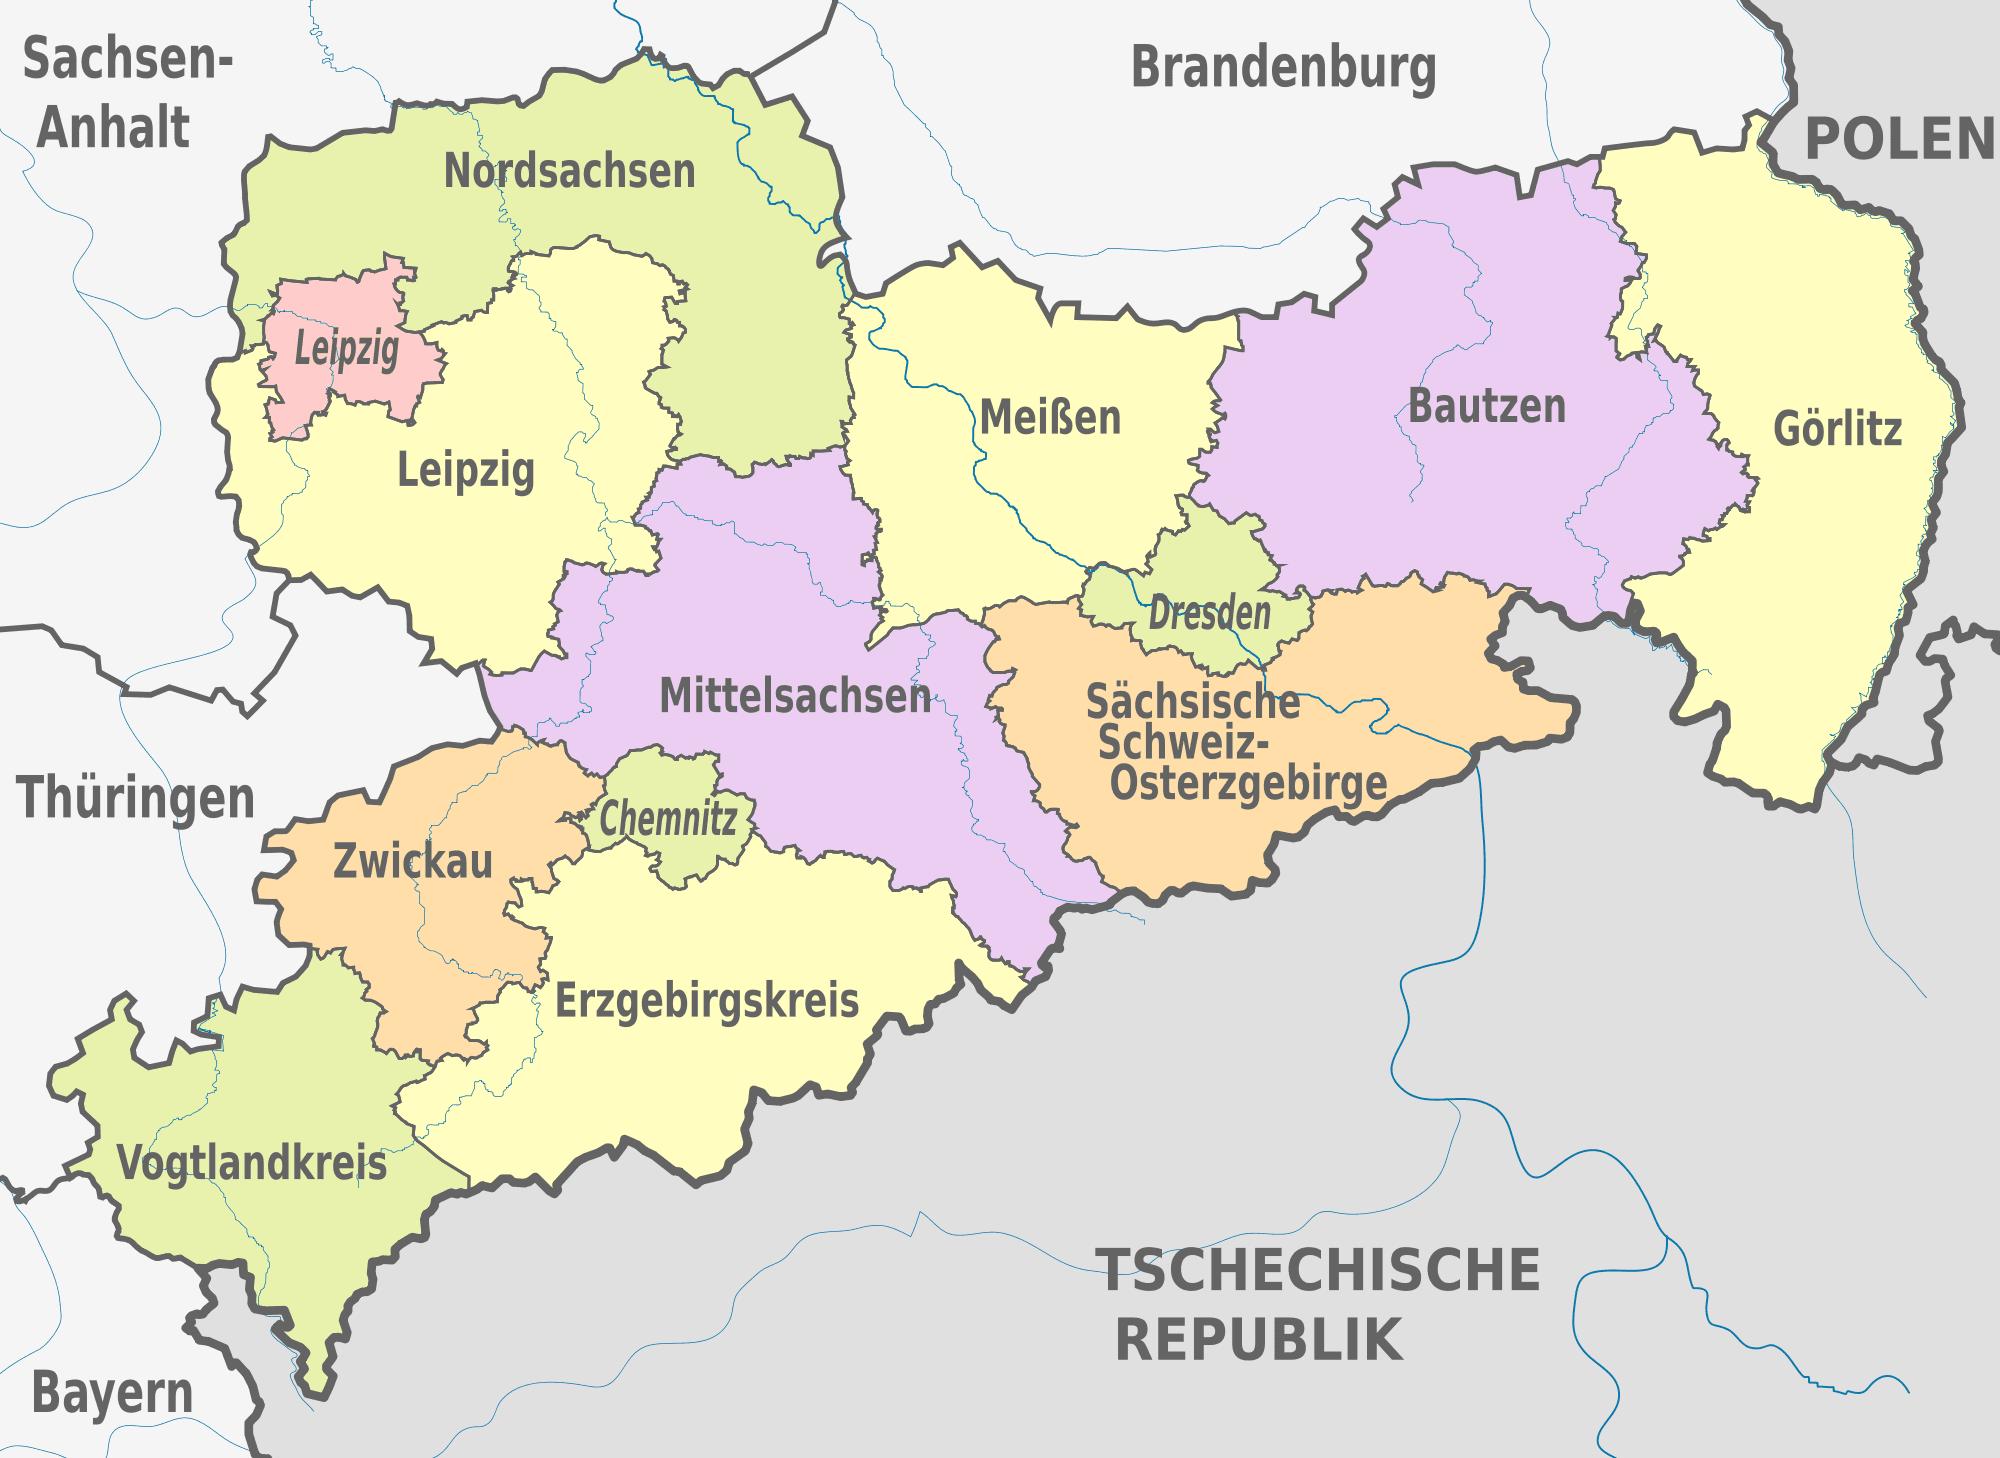 Chemnitz Karte.Pin Von Yugoslavian Dragon Auf Collect In 2019 Sachsen